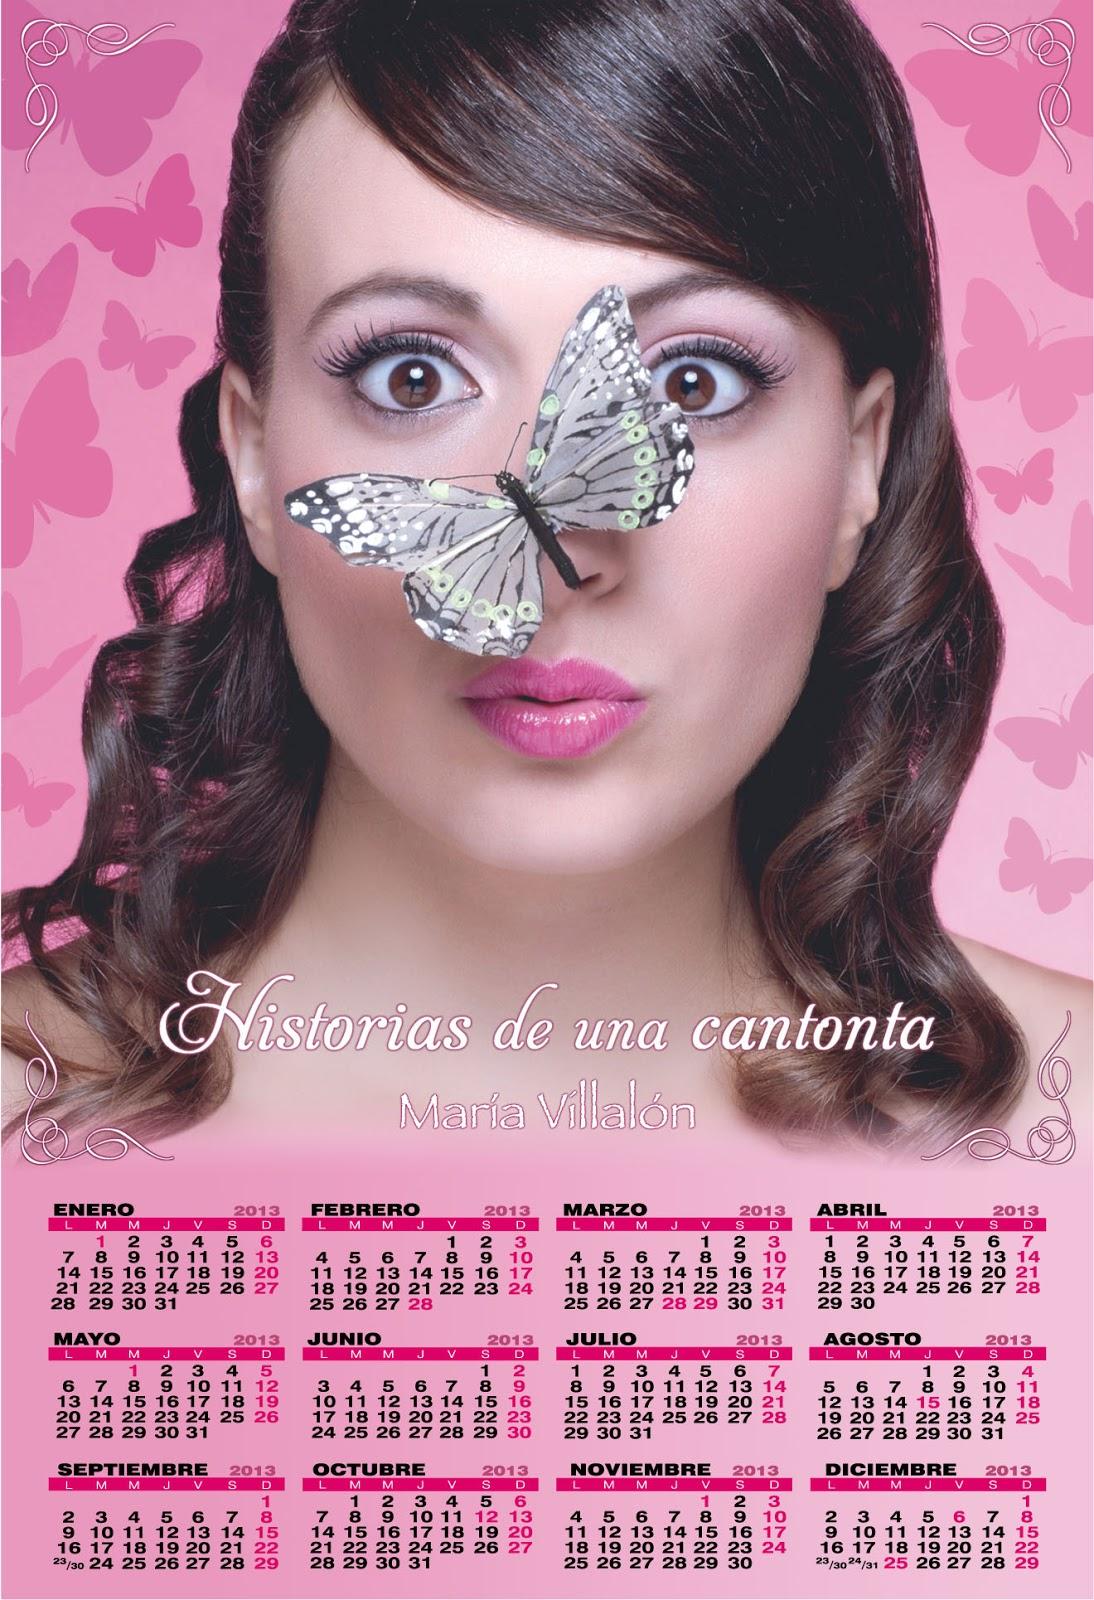 """Las mejores """"Villalonadas"""" >> Blog Historias de una Cantonta Sin+ti%CC%81tulo-1"""